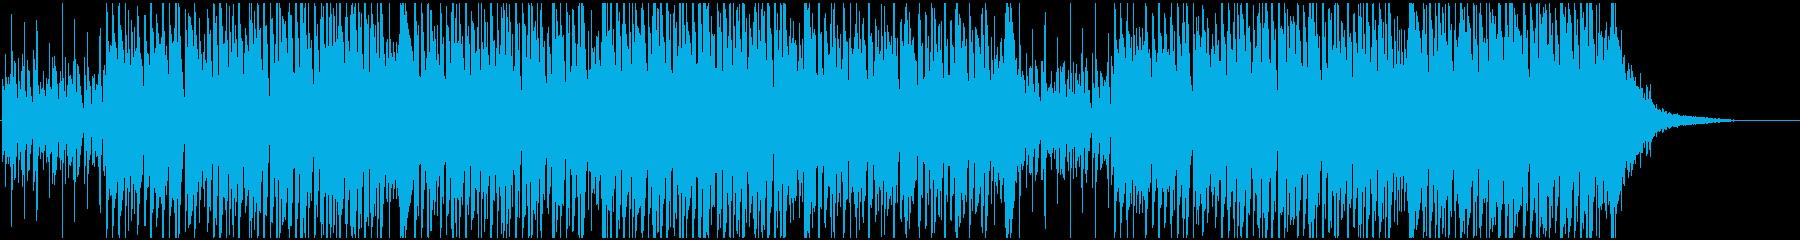 未来への情熱・技術系プレゼン向けEDMの再生済みの波形